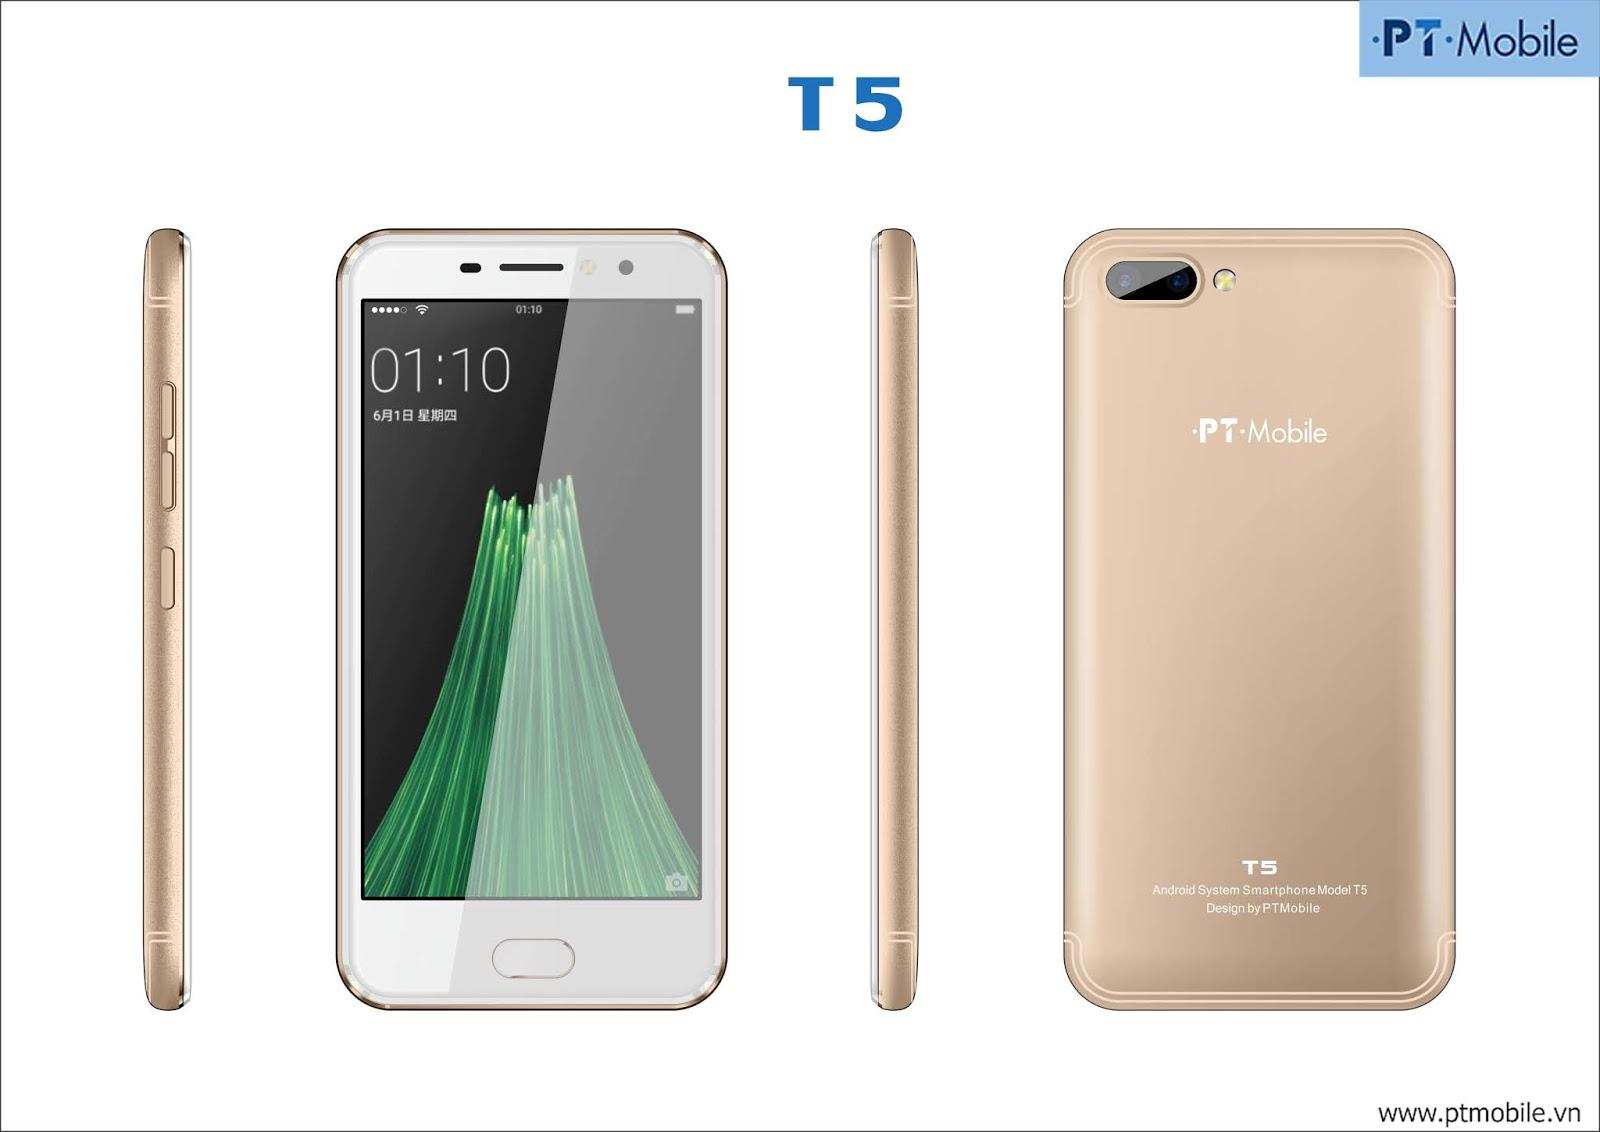 Rom PT Mobile T5